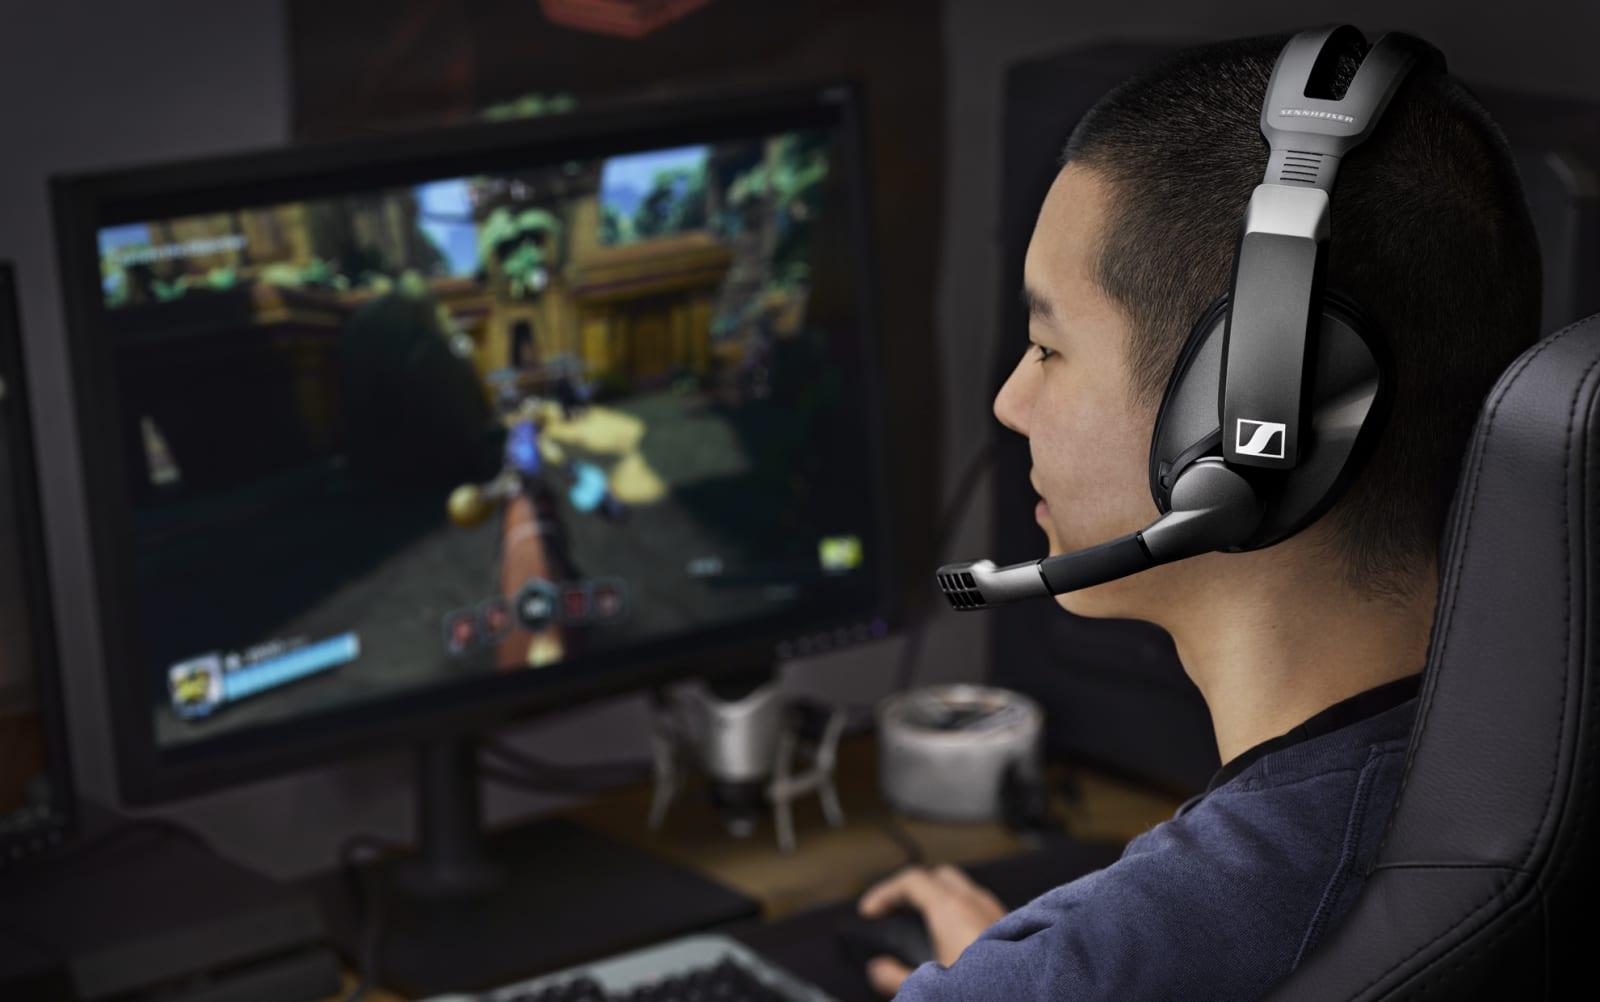 Sennheiser's $200 gaming headset promises 100 hours of battery life